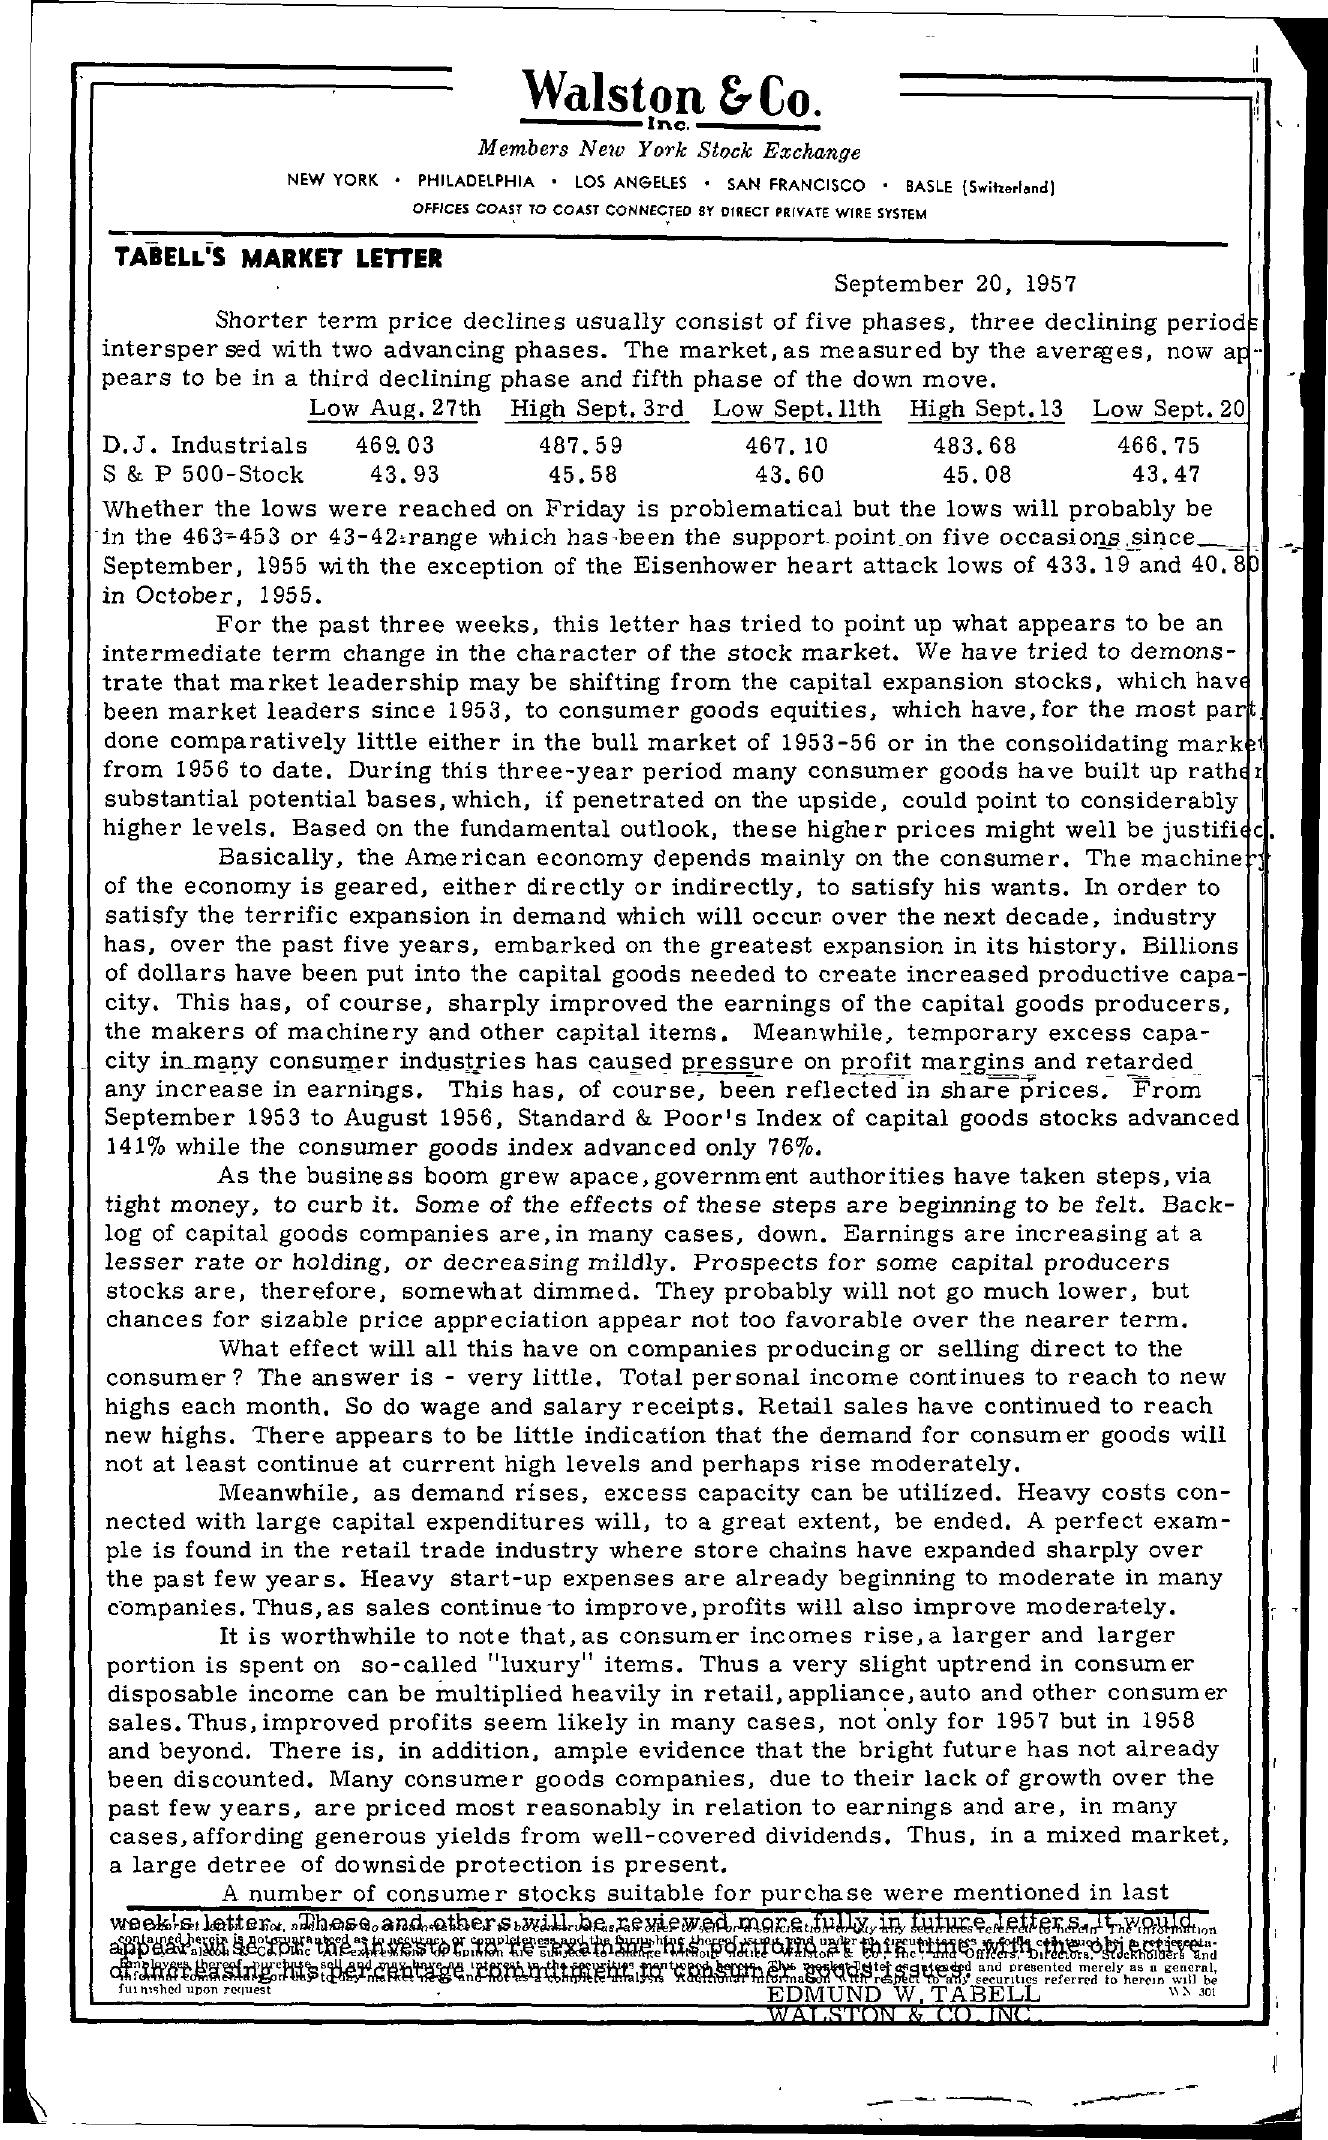 Tabell's Market Letter - September 20, 1957